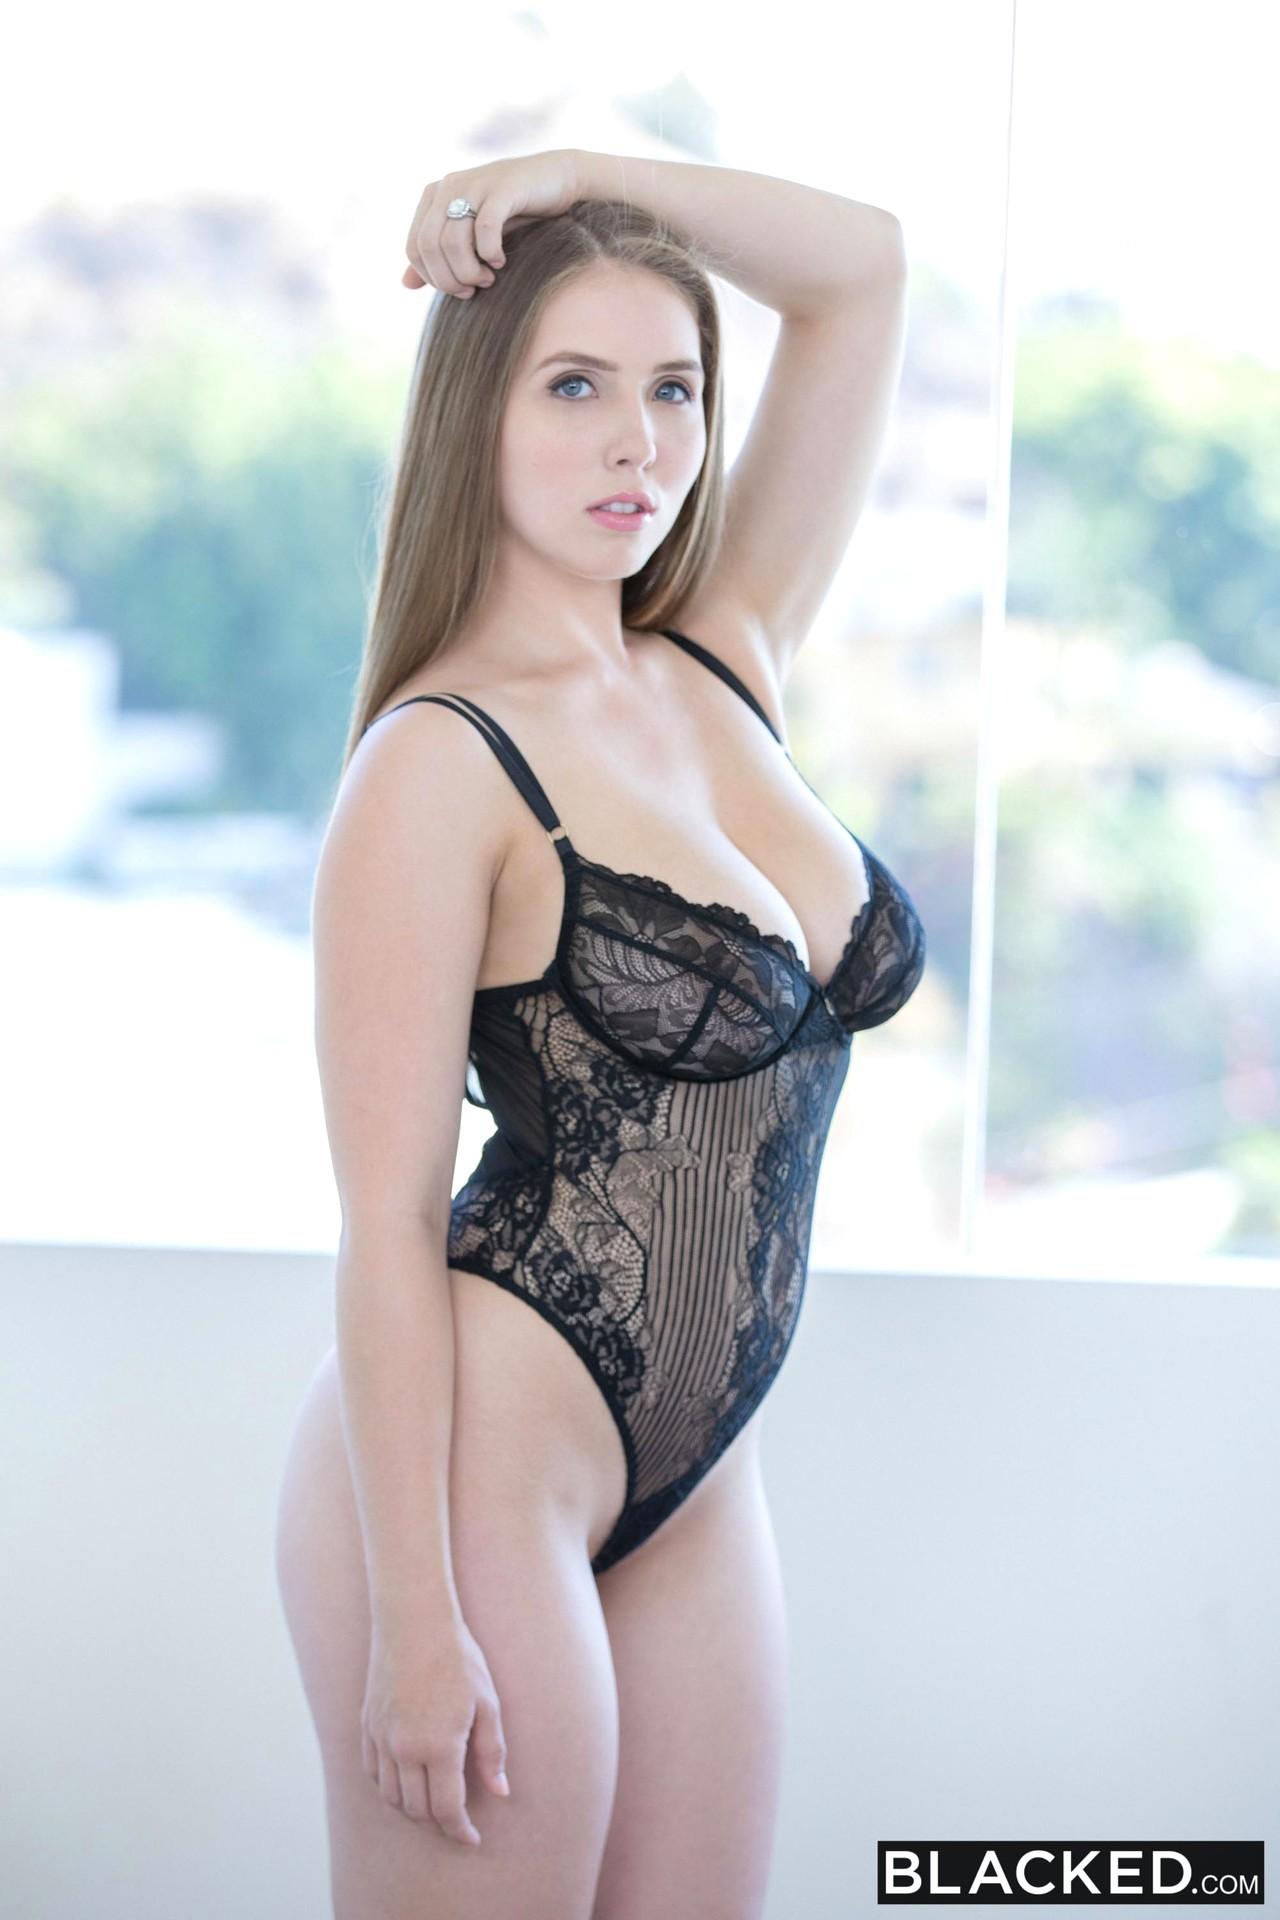 Lena paul asshole porn